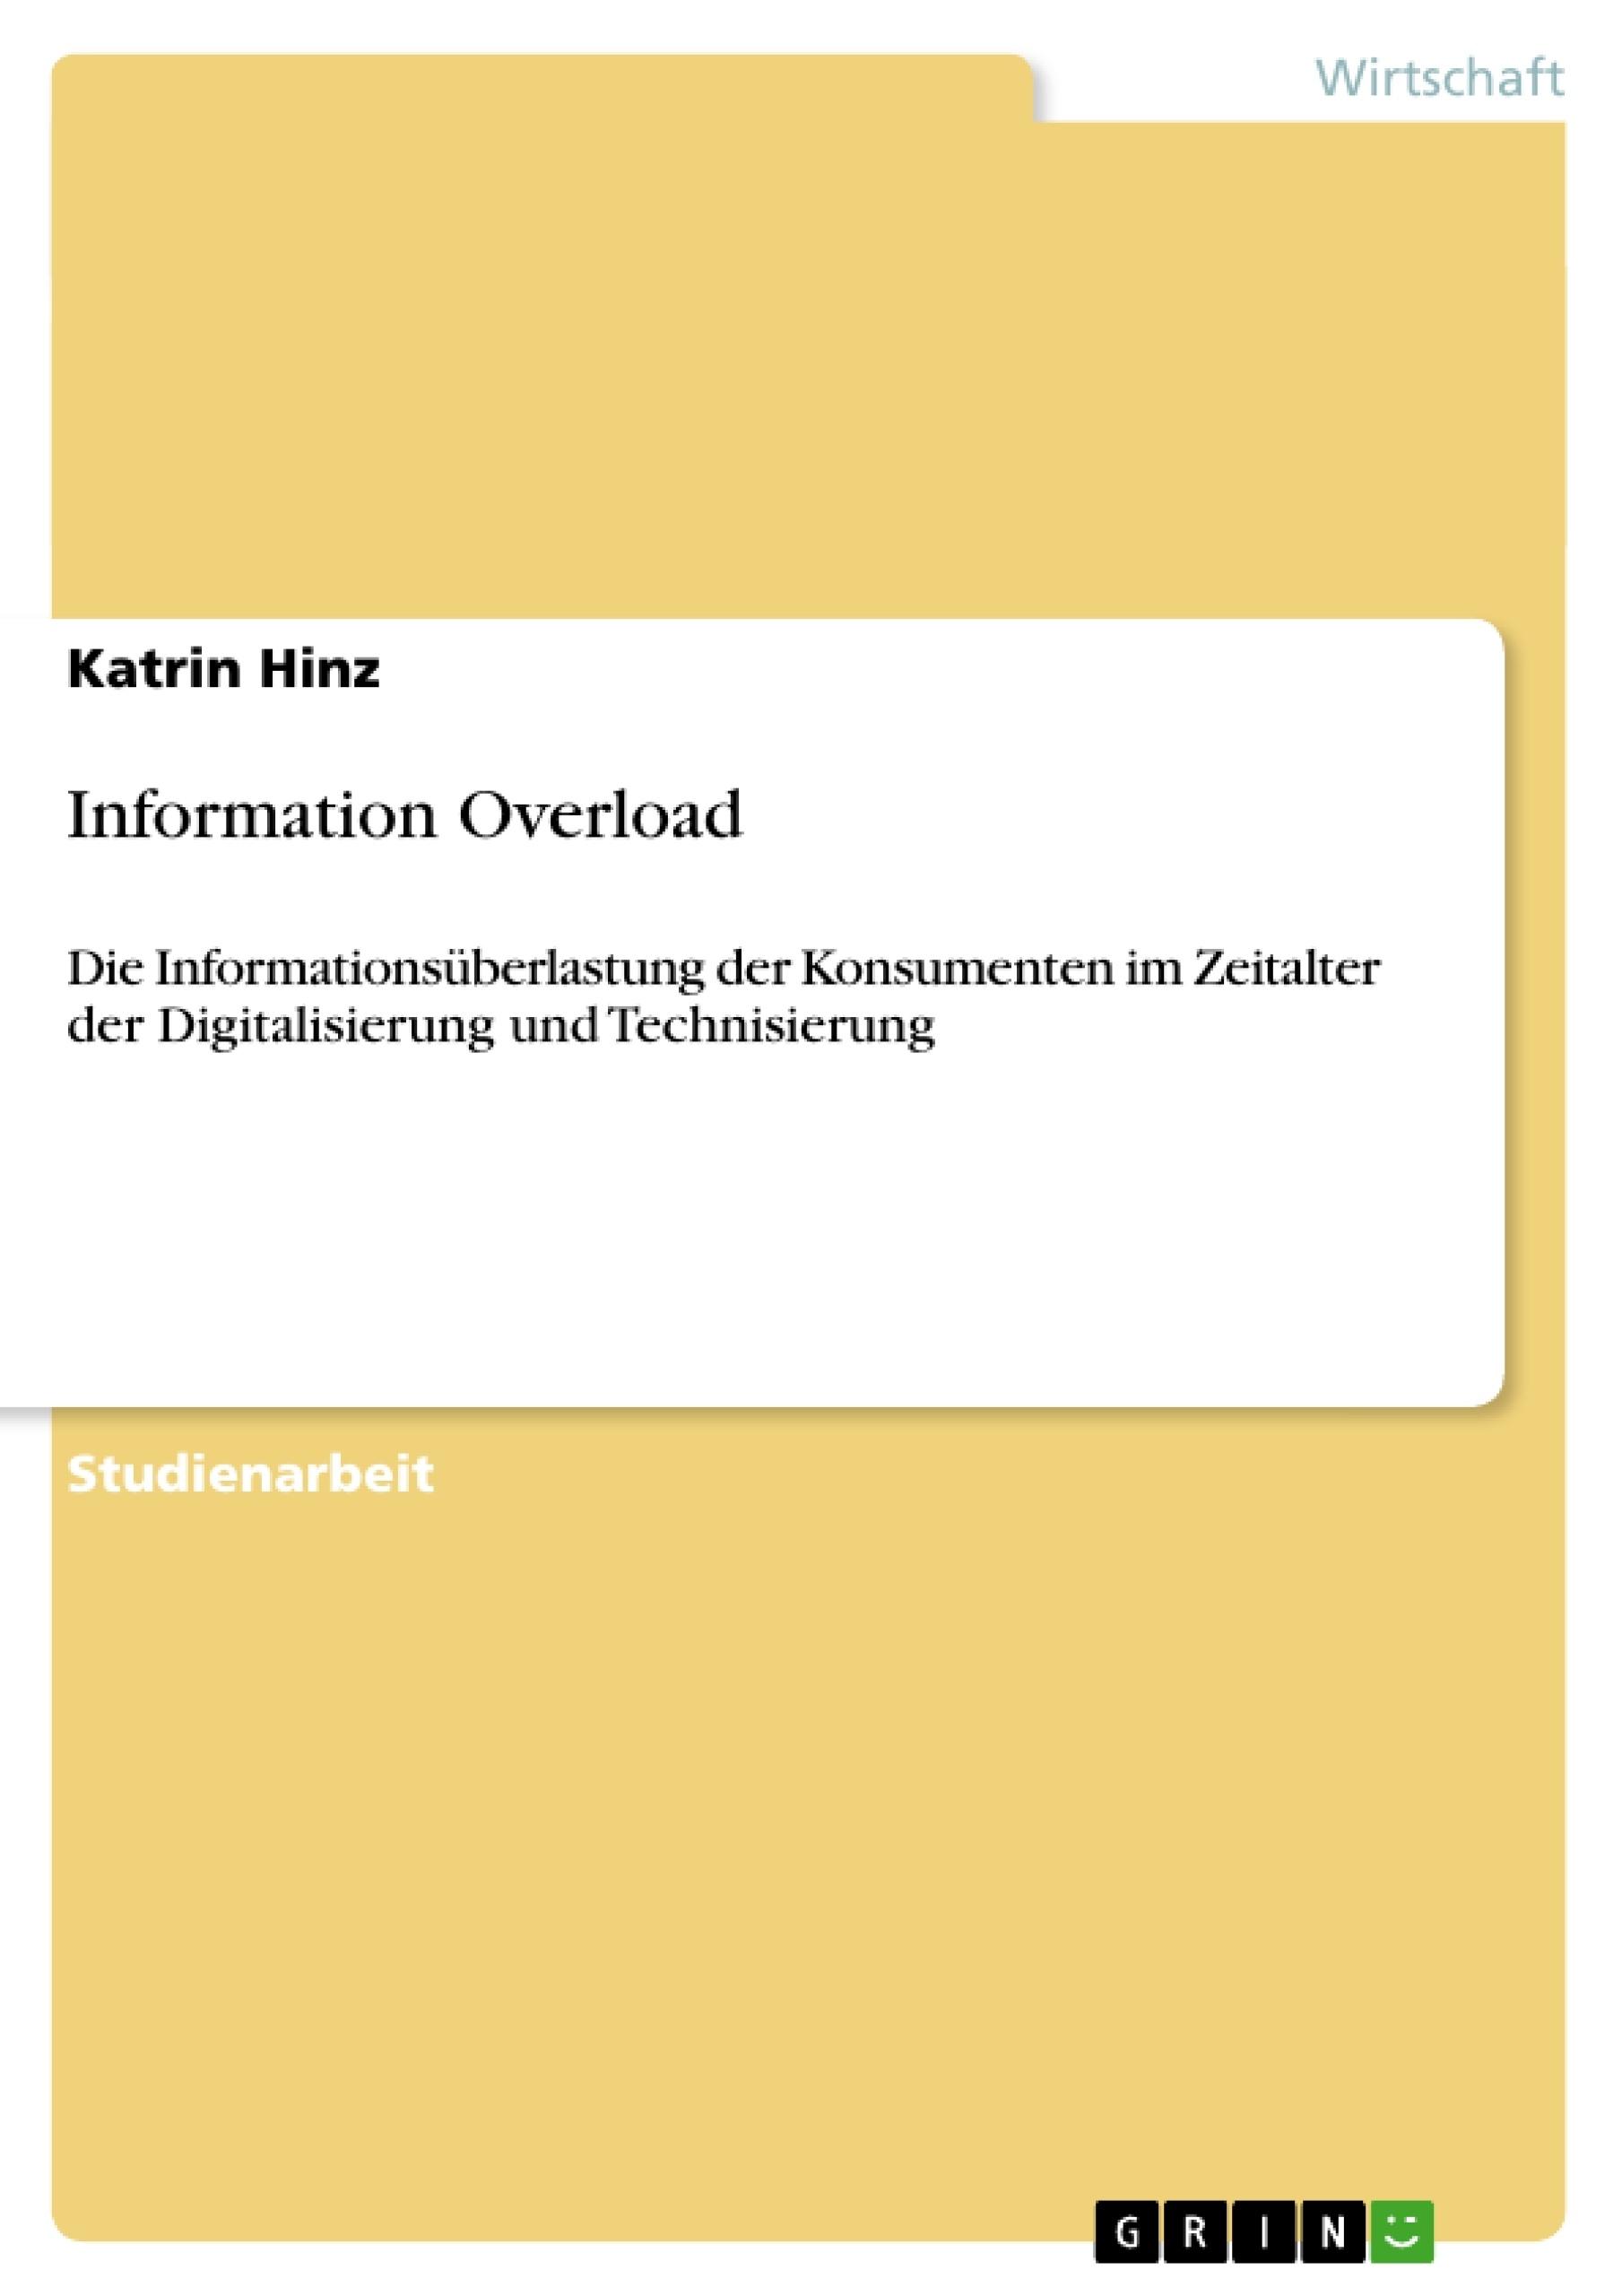 Titel: Information Overload